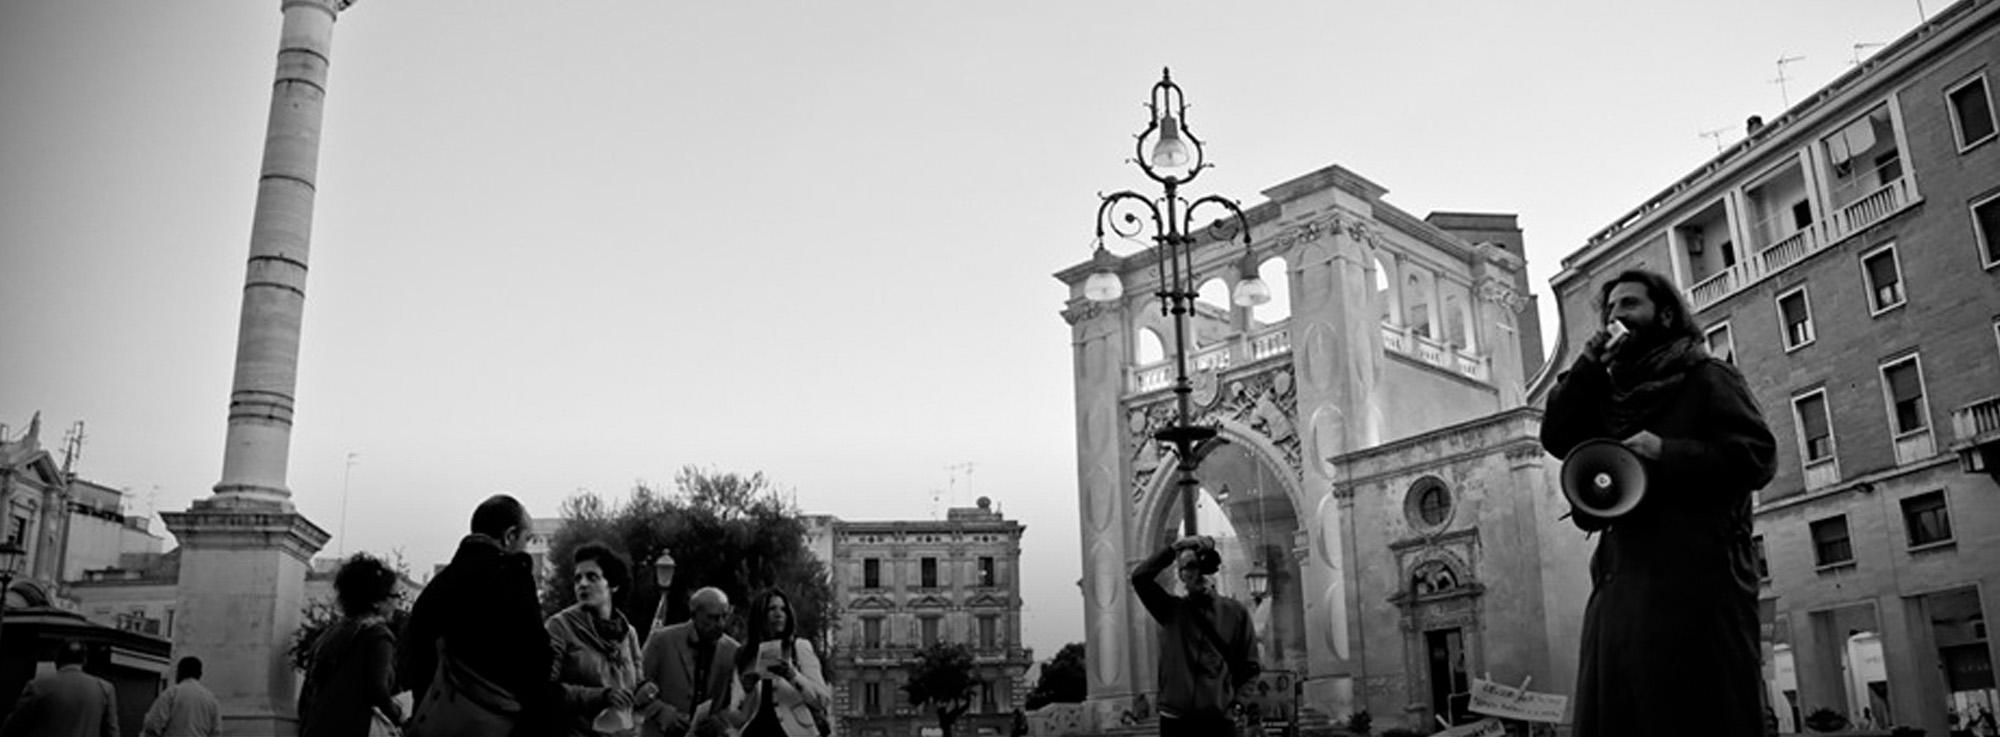 Lecce: Barboni per un giorno